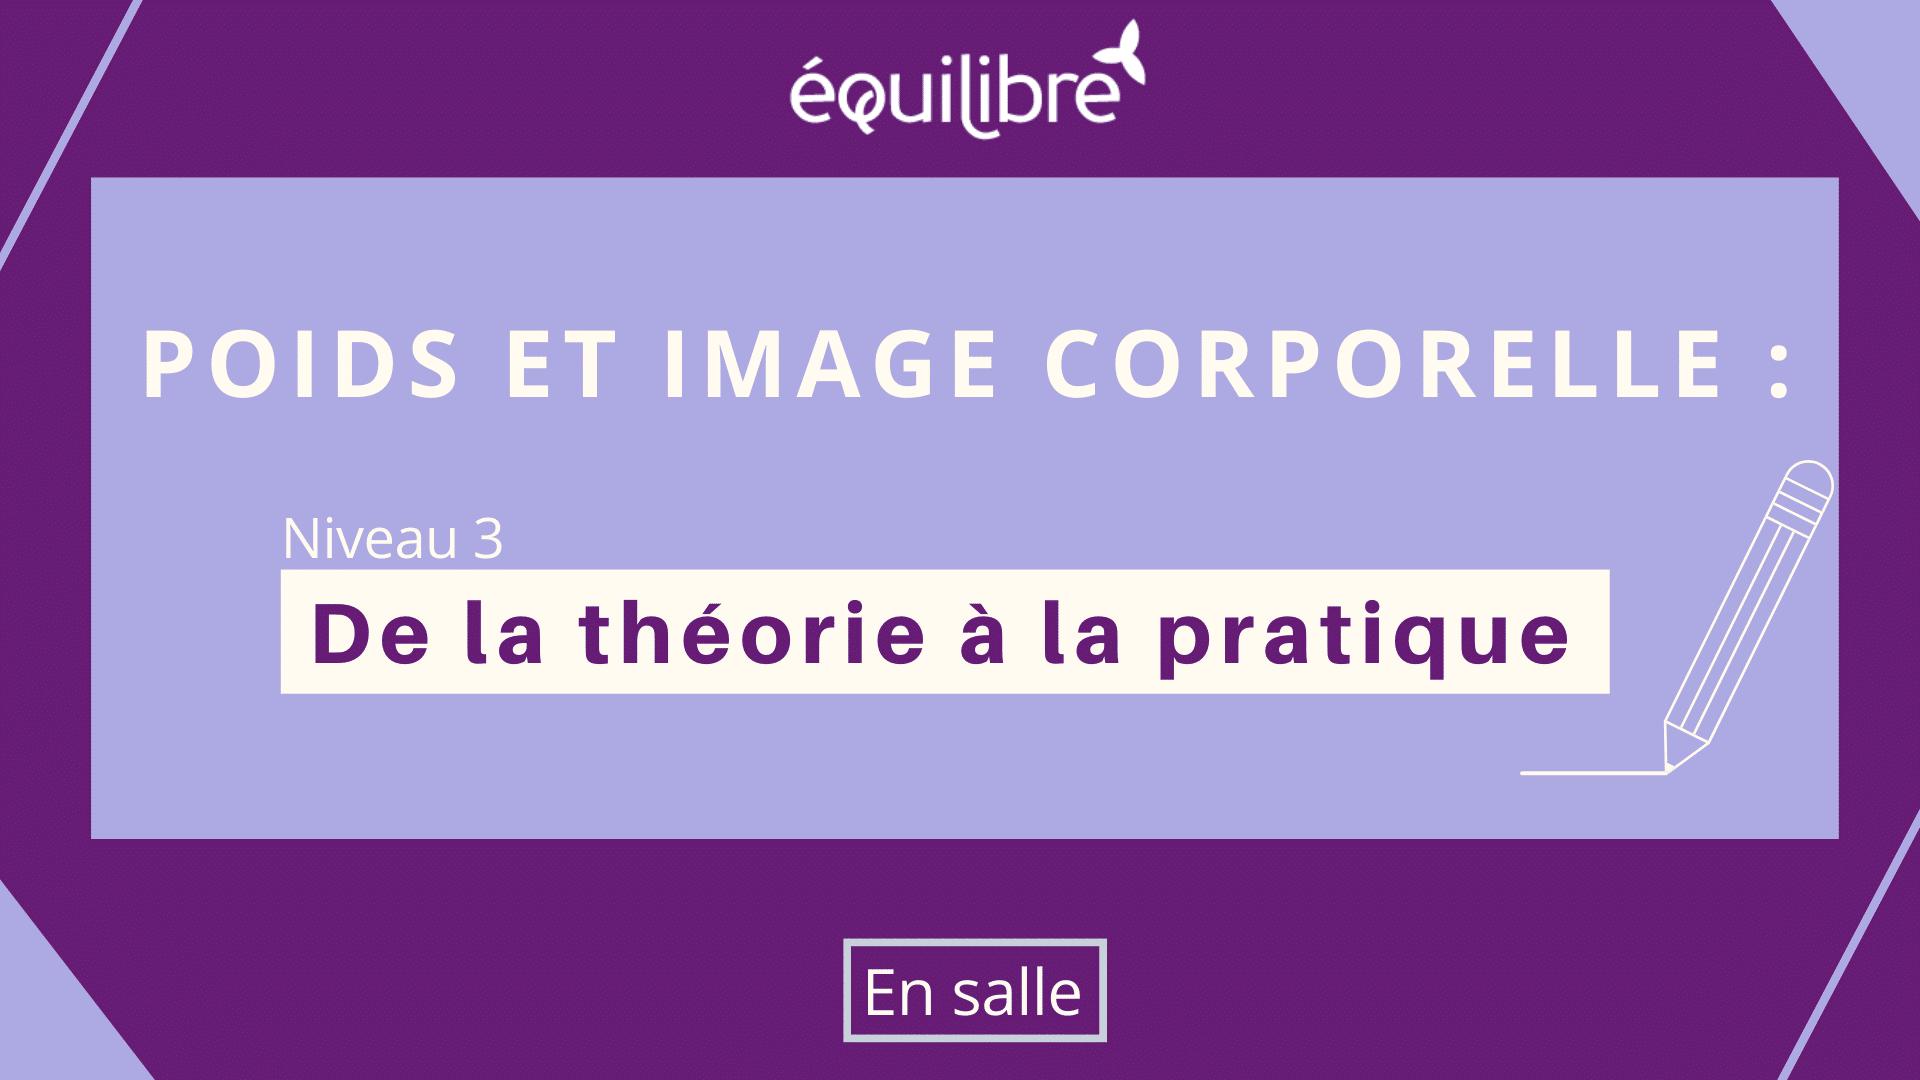 https://equilibre.ca/wp-content/uploads/2020/03/Poids-et-image-corporelle-3.png